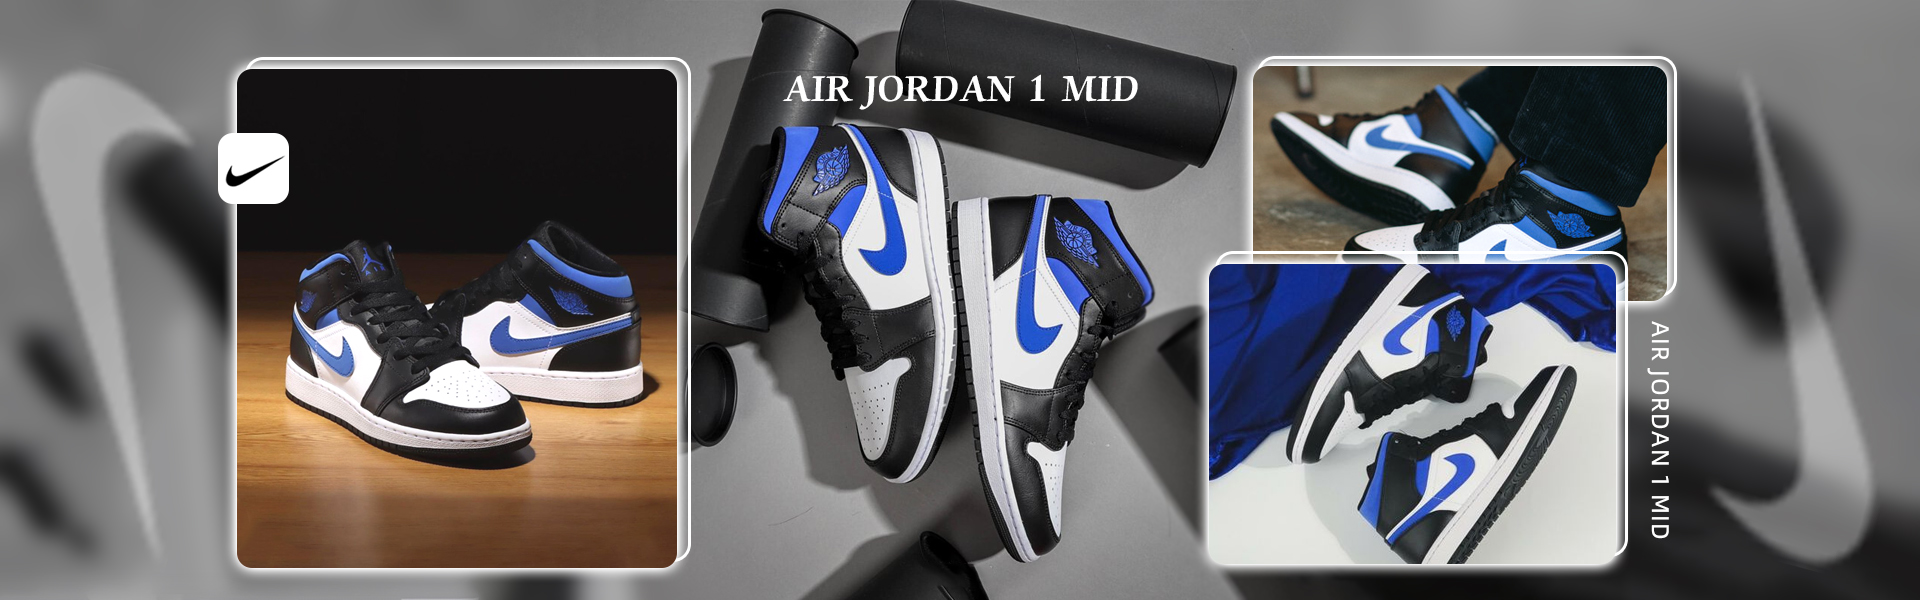 Buy Air Jordan 1 High OG Royal Toe Mens 555088 041